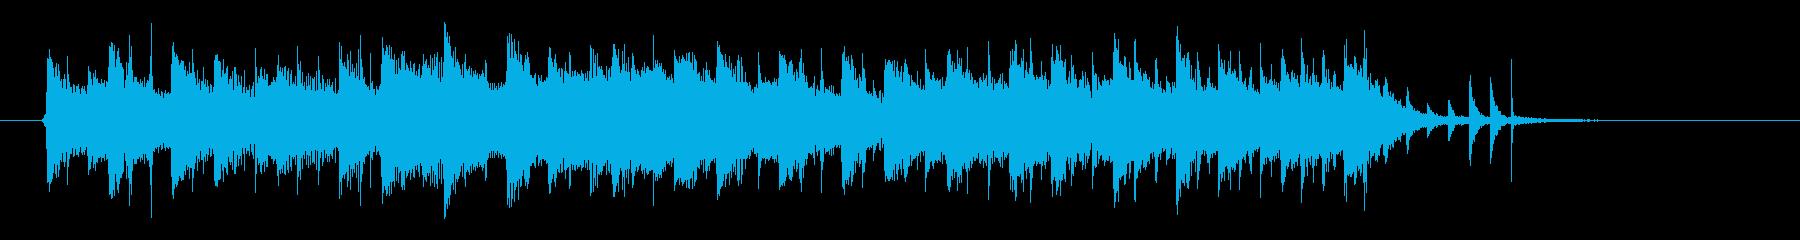 クールなシンセのテクノポップスのジングルの再生済みの波形